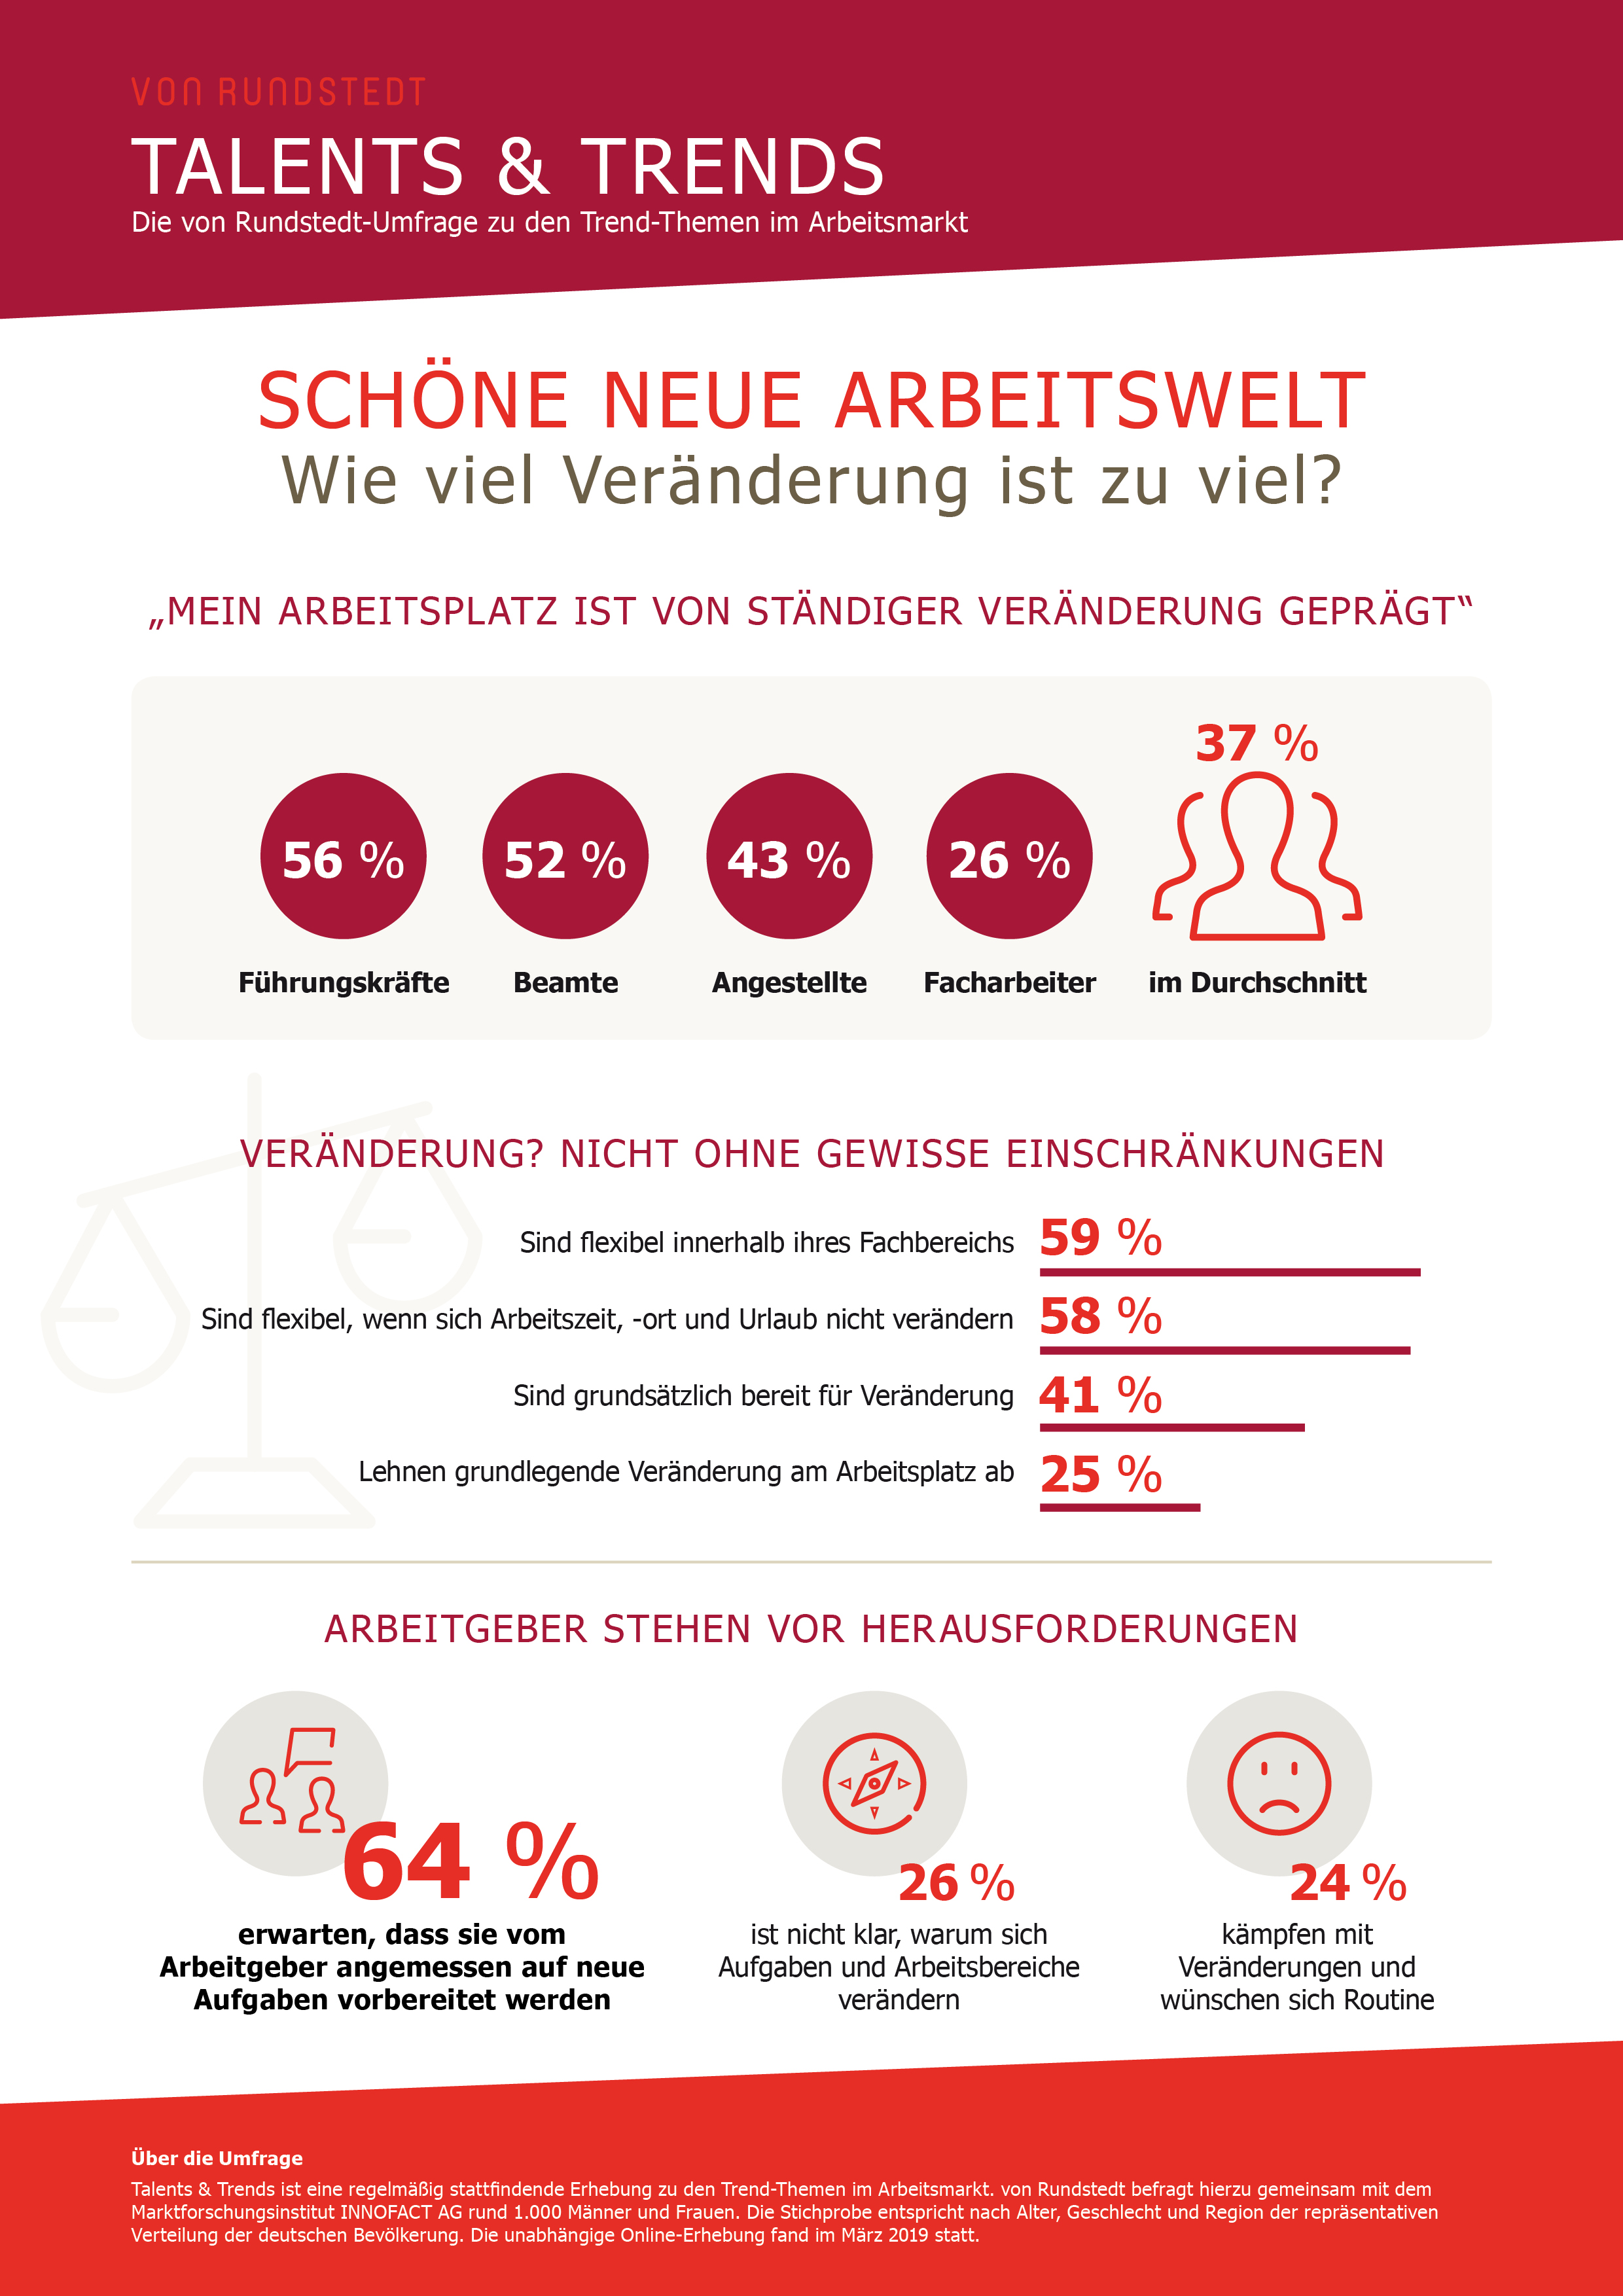 Infografik zur Umfrage: Wie viel Veränderung ist zu viel? Wie empfinden deutsche Arbeitnehmer die Veränderungen am Arbeitsplatz?